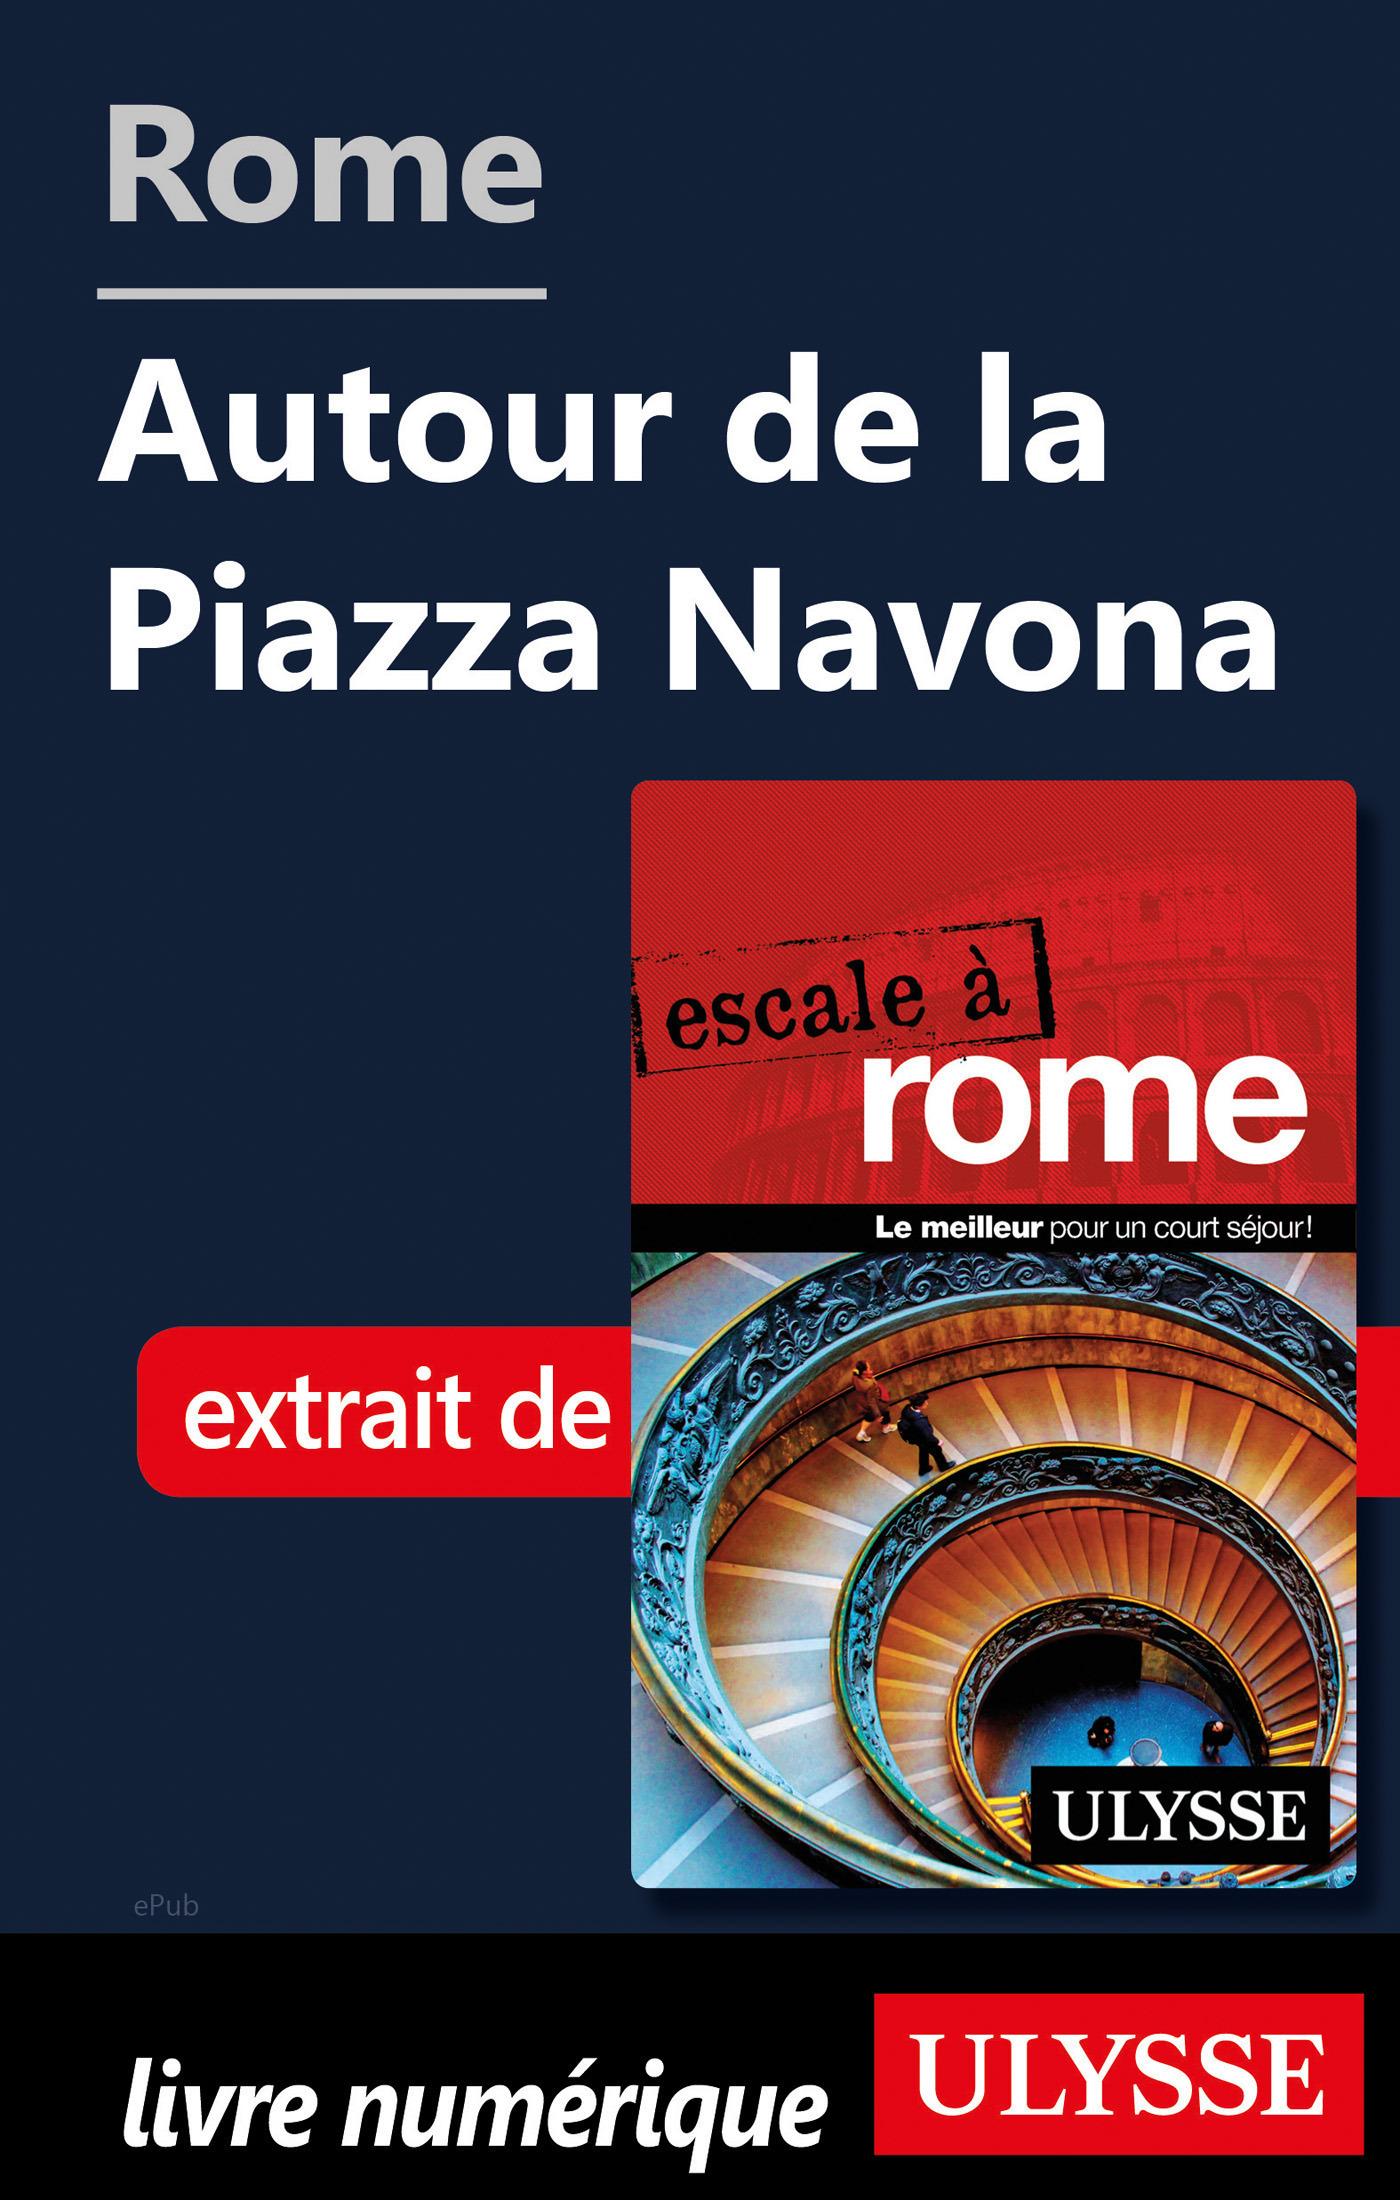 Rome - Autour de la Piazza Navona